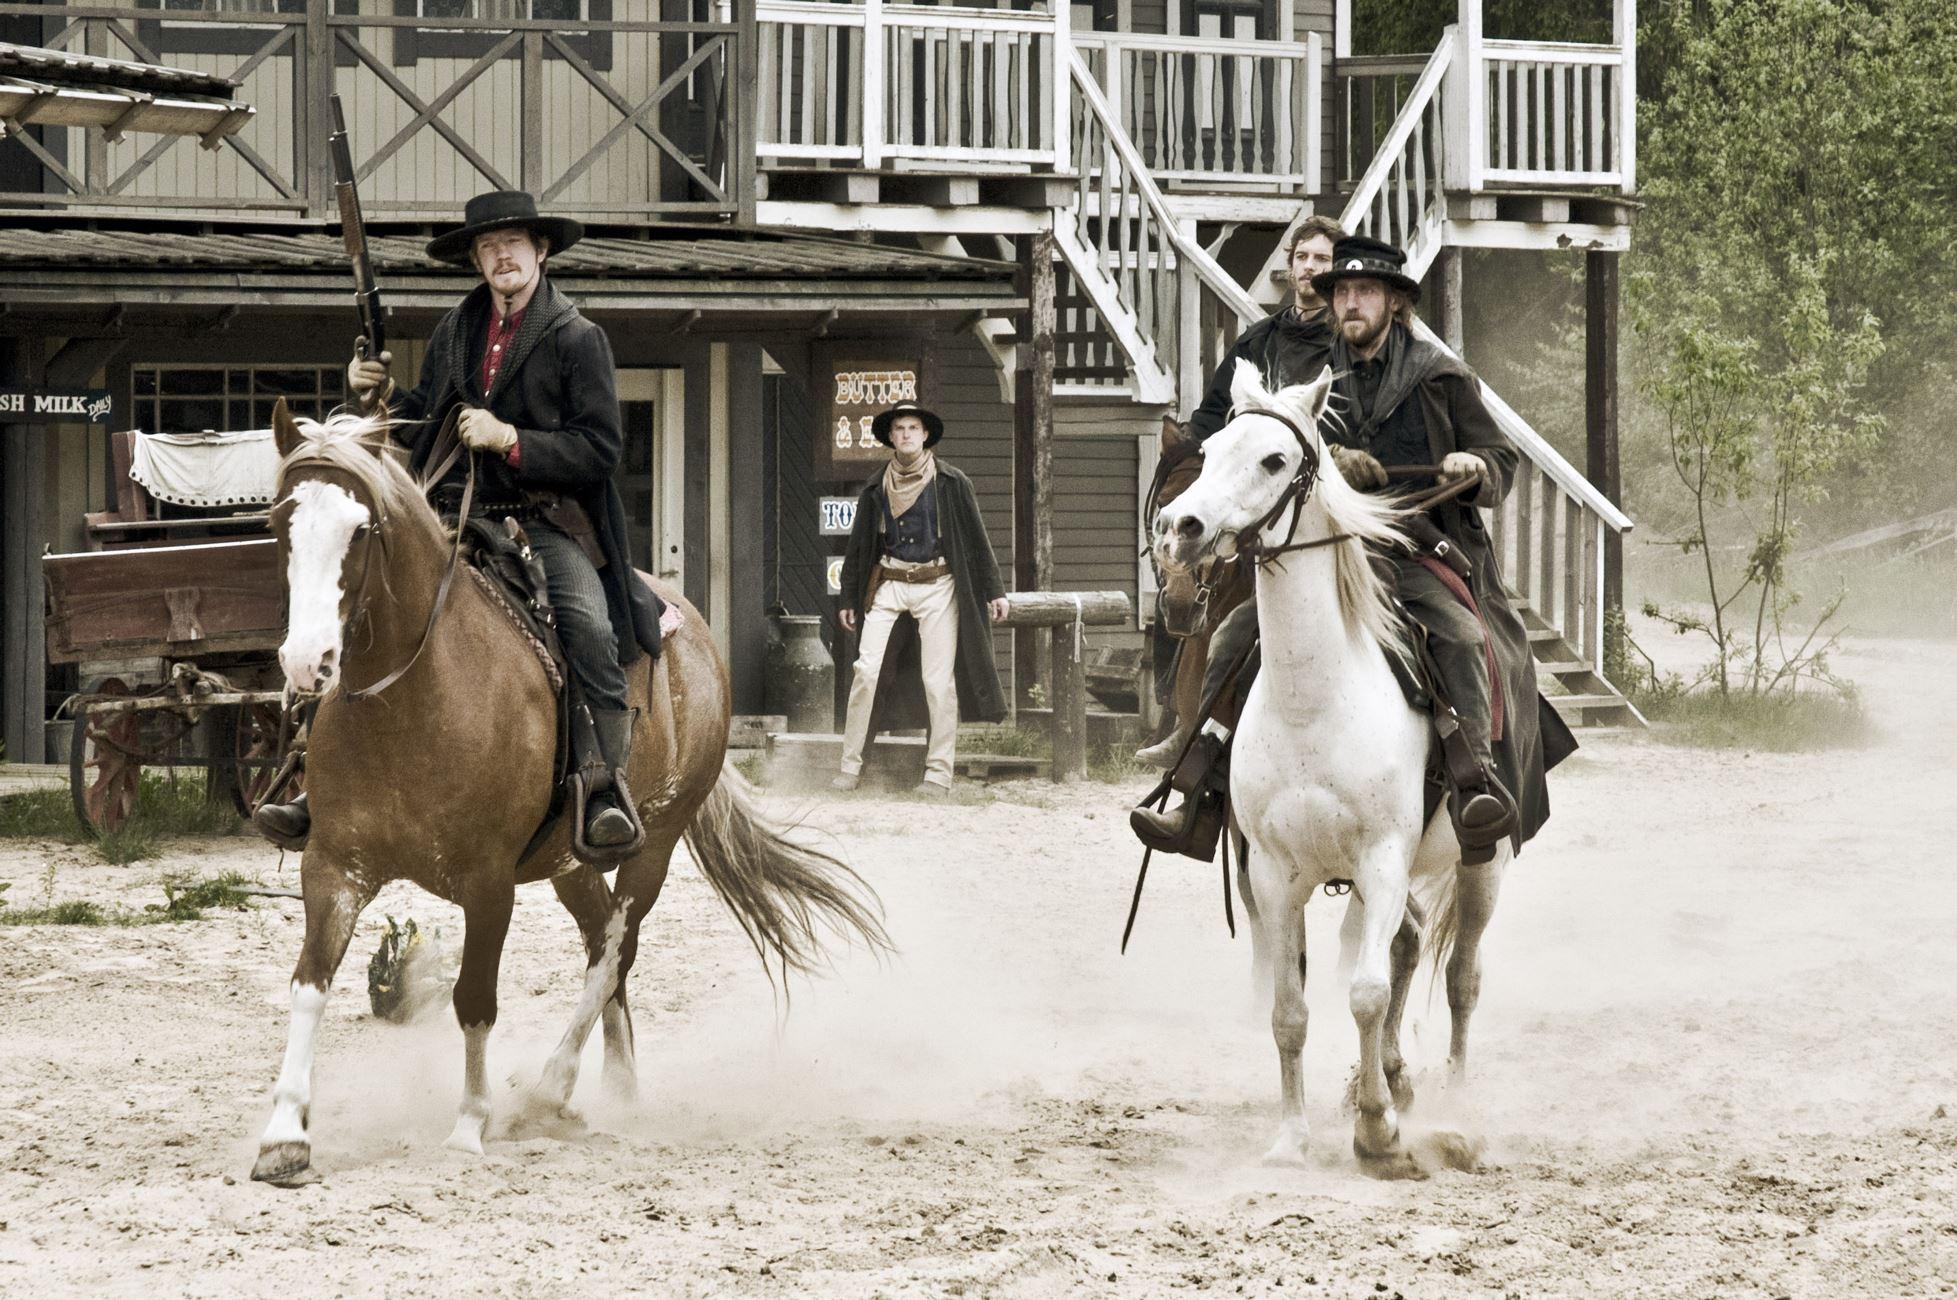 Smålandsbilder.se,  © Smålandsbilder.se, Wild Western Show på High Chaparral